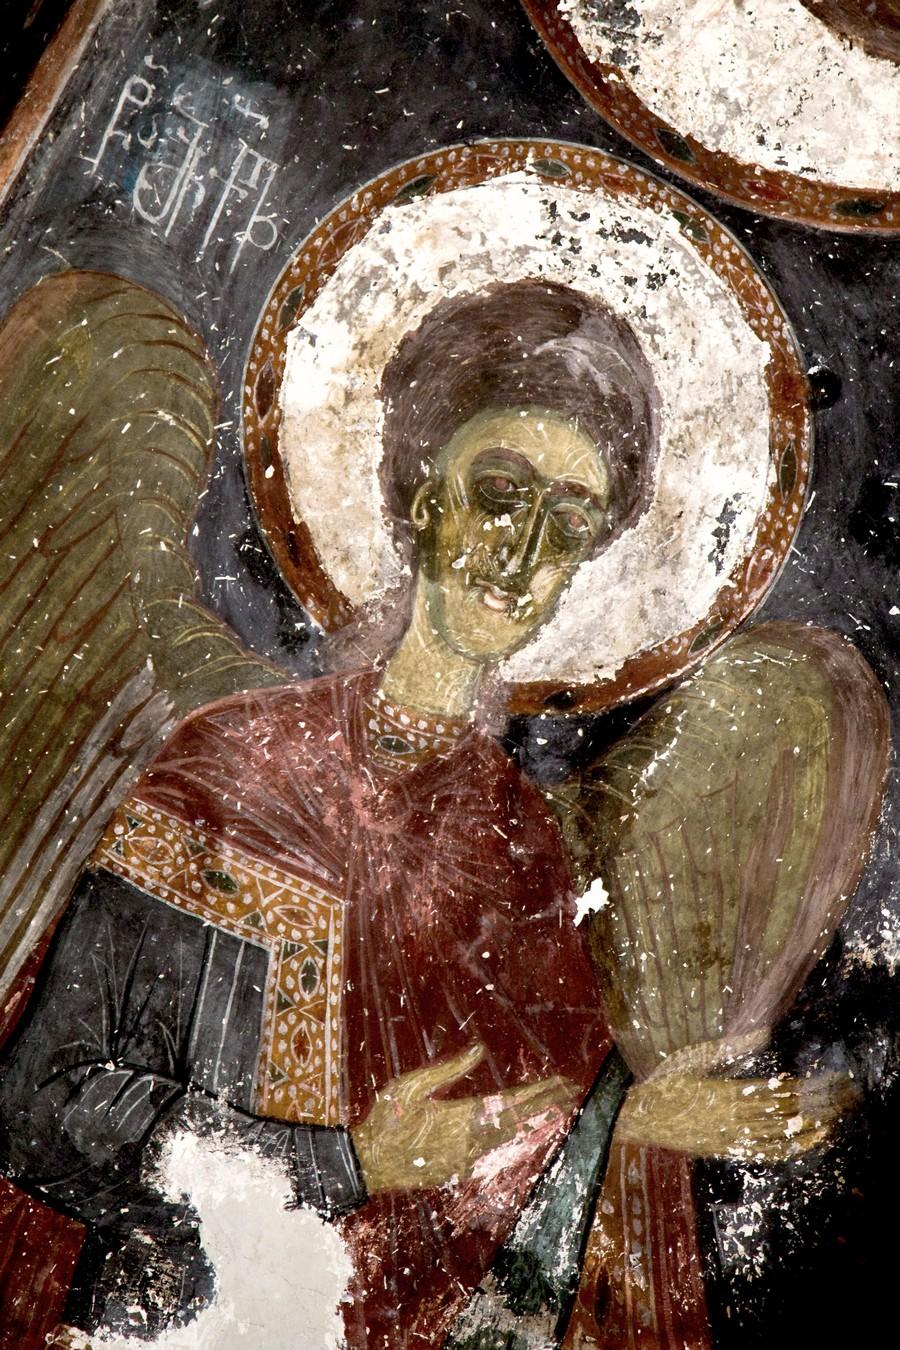 Архангел Михаил. Фреска церкви Архангелов (Тарингзел) в Латали, Сванетия, Грузия. XIV век.